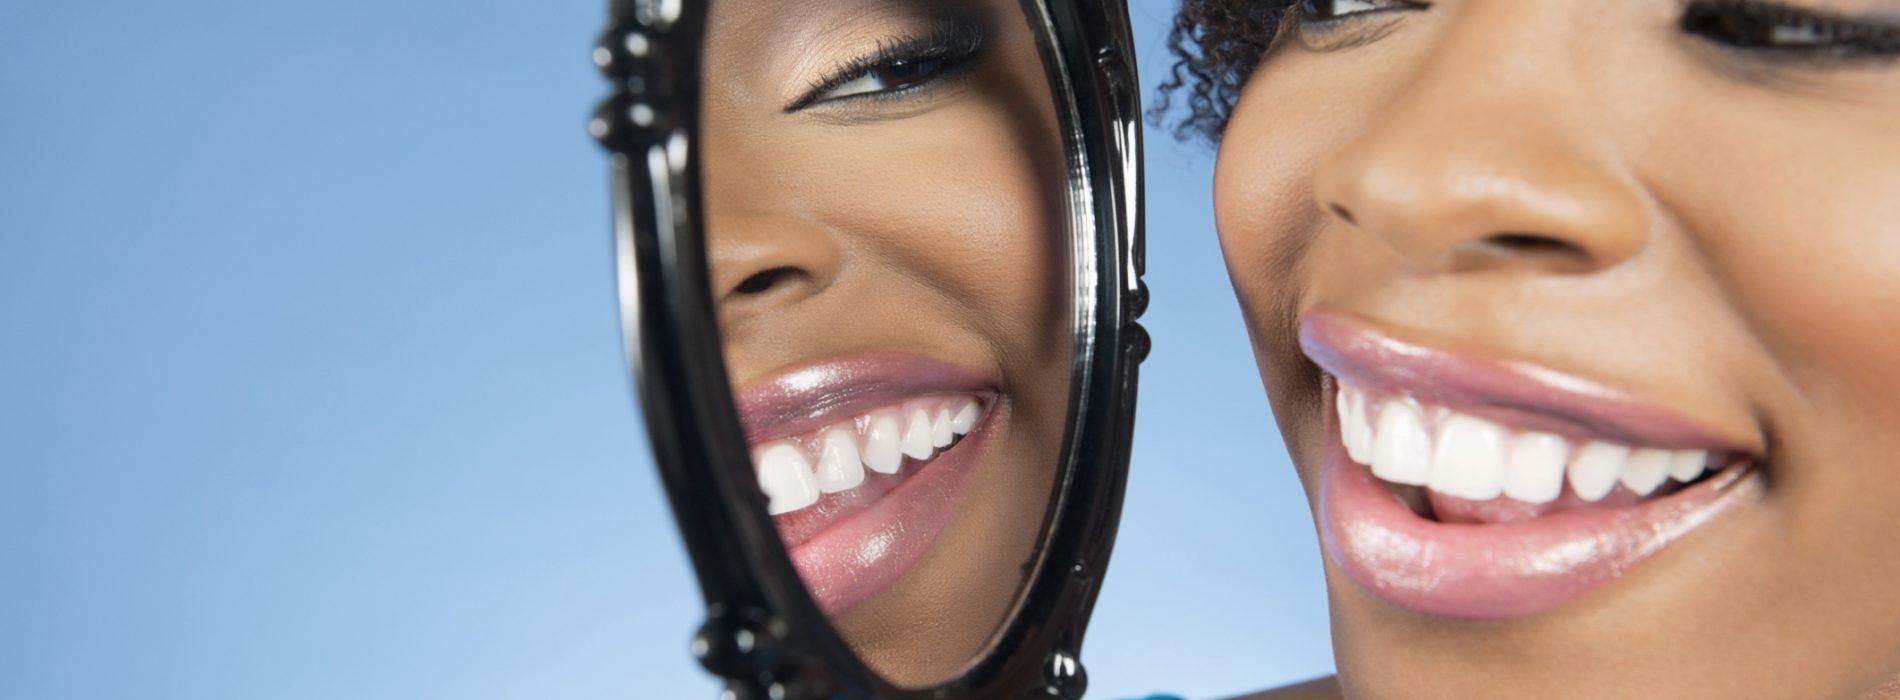 Hoe tandbederf en tandvleesaandoeningen natuurlijk te genezen